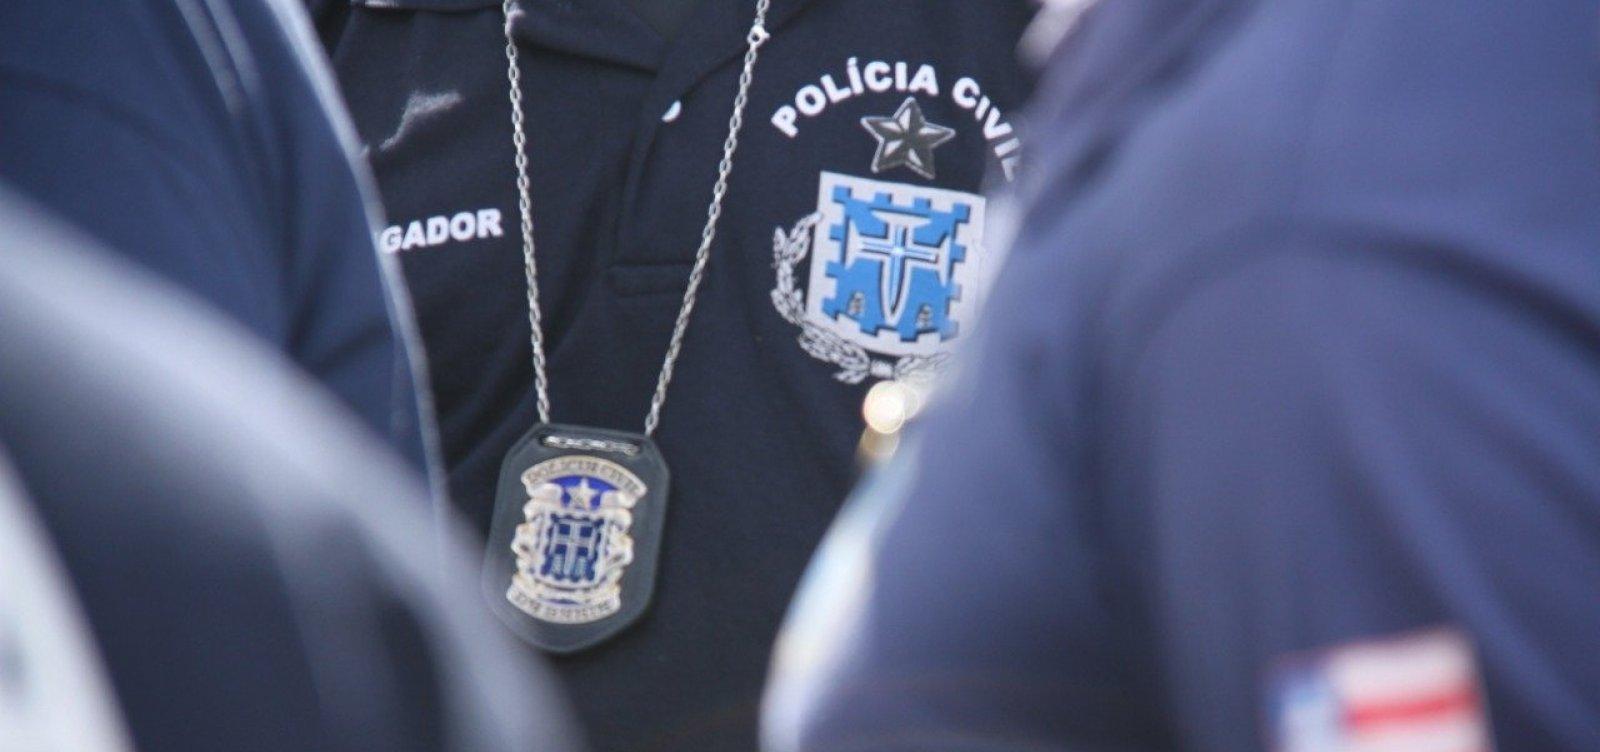 Polícia apura suposta ligação de ataques com grupo que convocou greve da PM